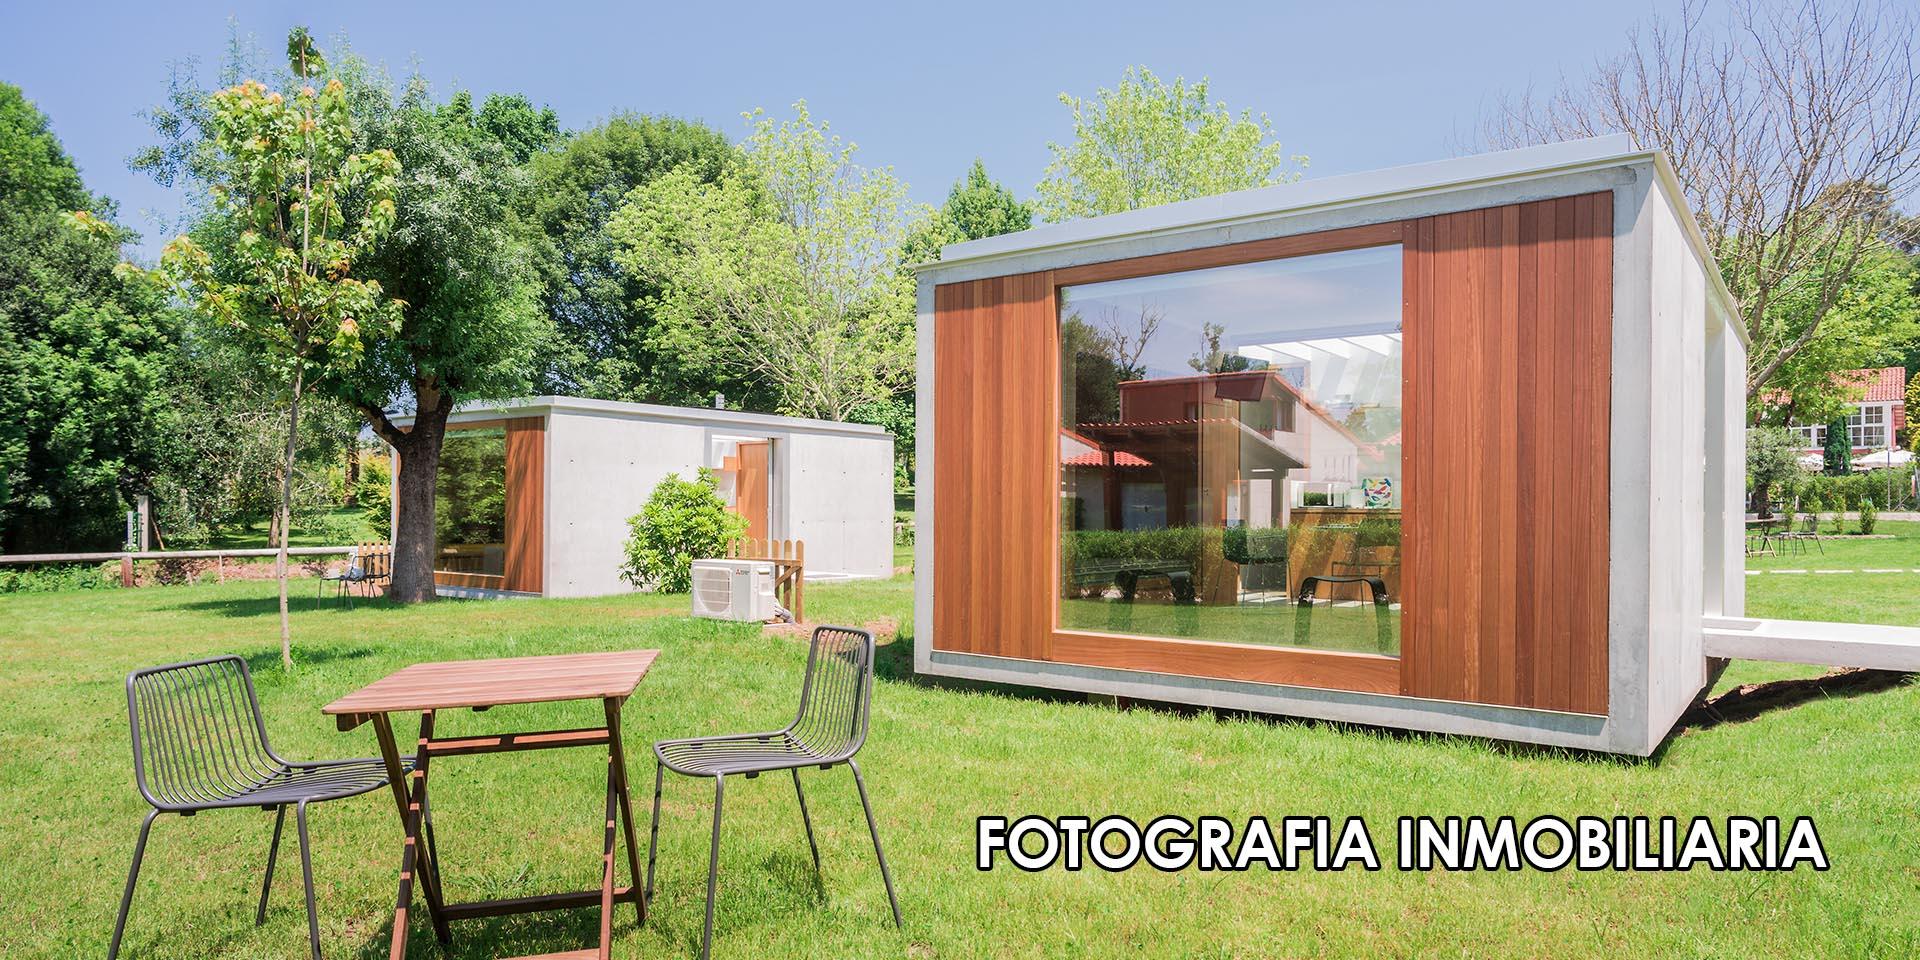 Fotografía inmobiliaria